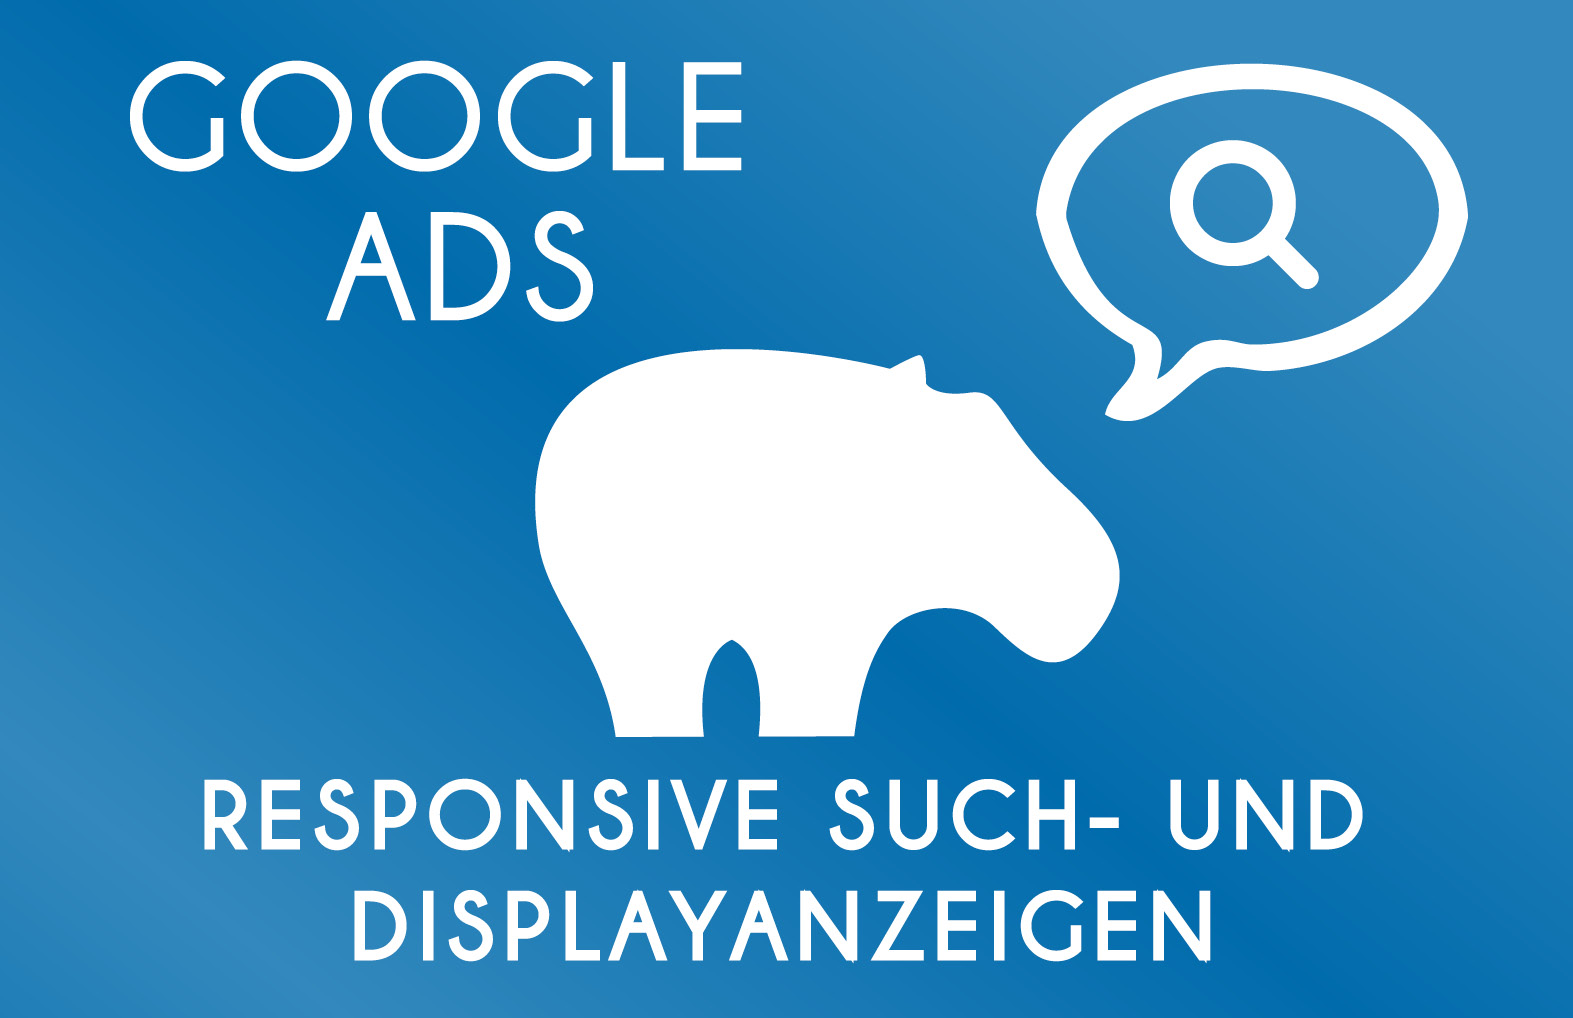 Google Ads Responsive Such- & Displayanzeigen - so gehts